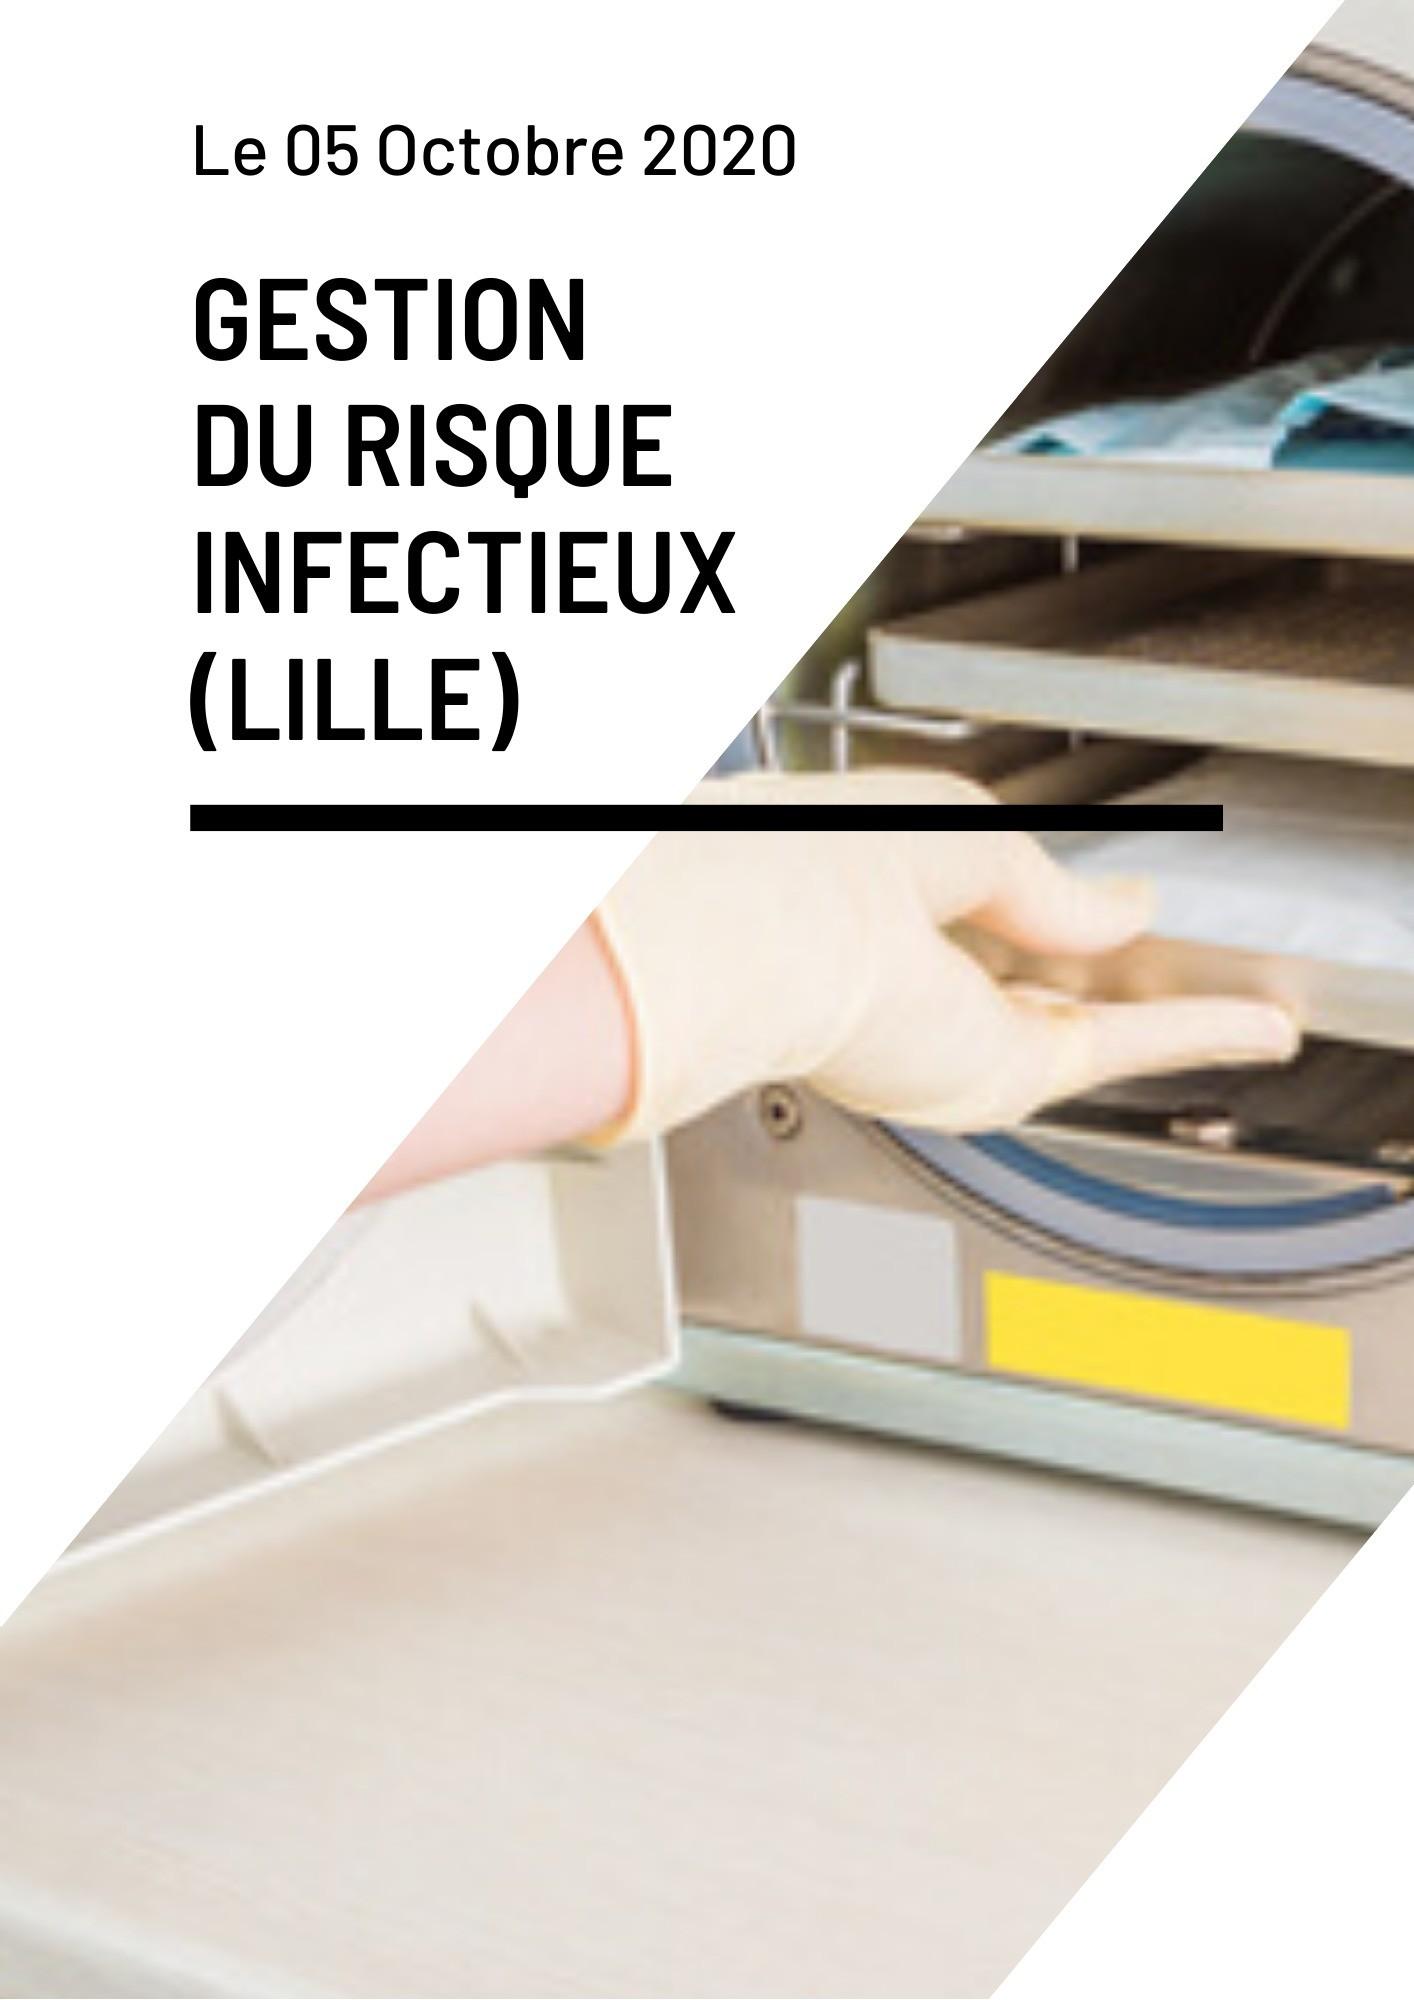 Gestion du risque infectieux (Lille)